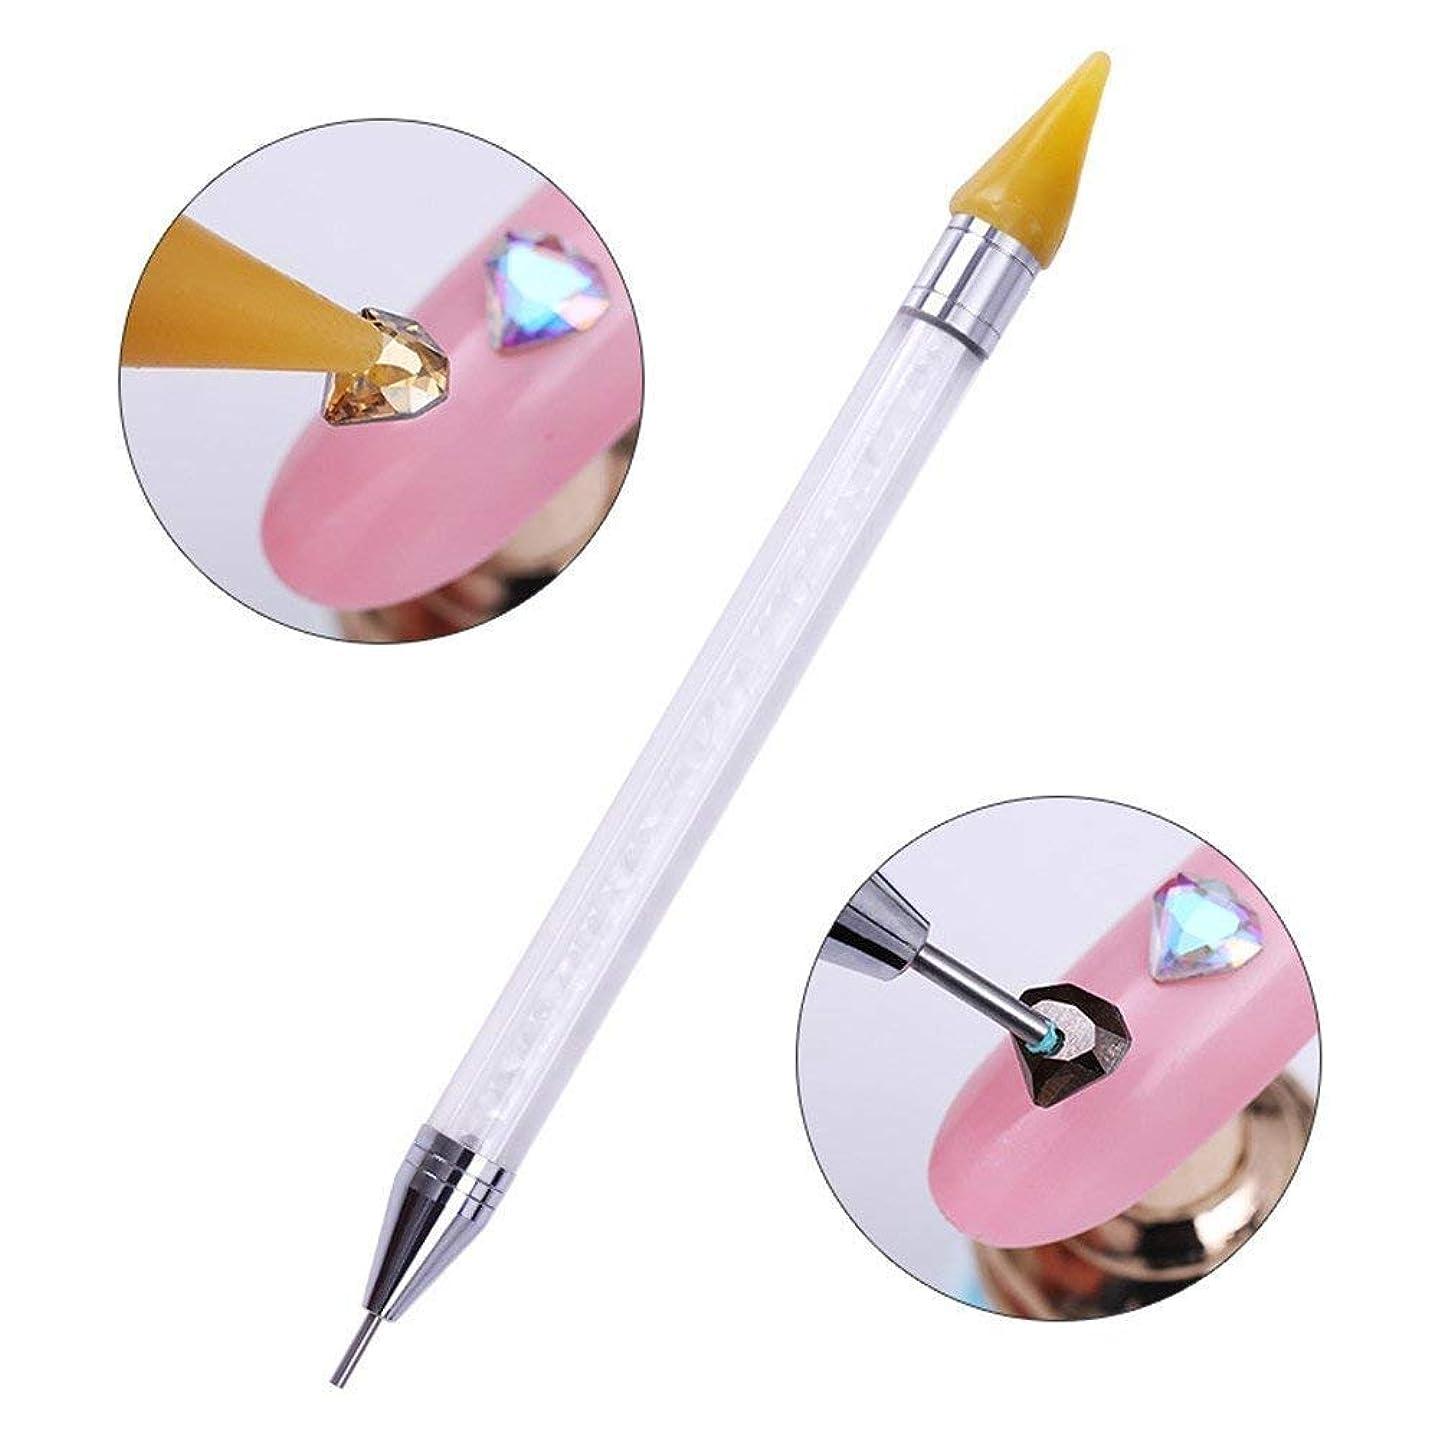 スチュアート島アンデス山脈ハブMinmincats 1本 DIY クリスタルハンドル 両端ドリルペン ネイルアートペン ネイル用品 ネイルアートツール